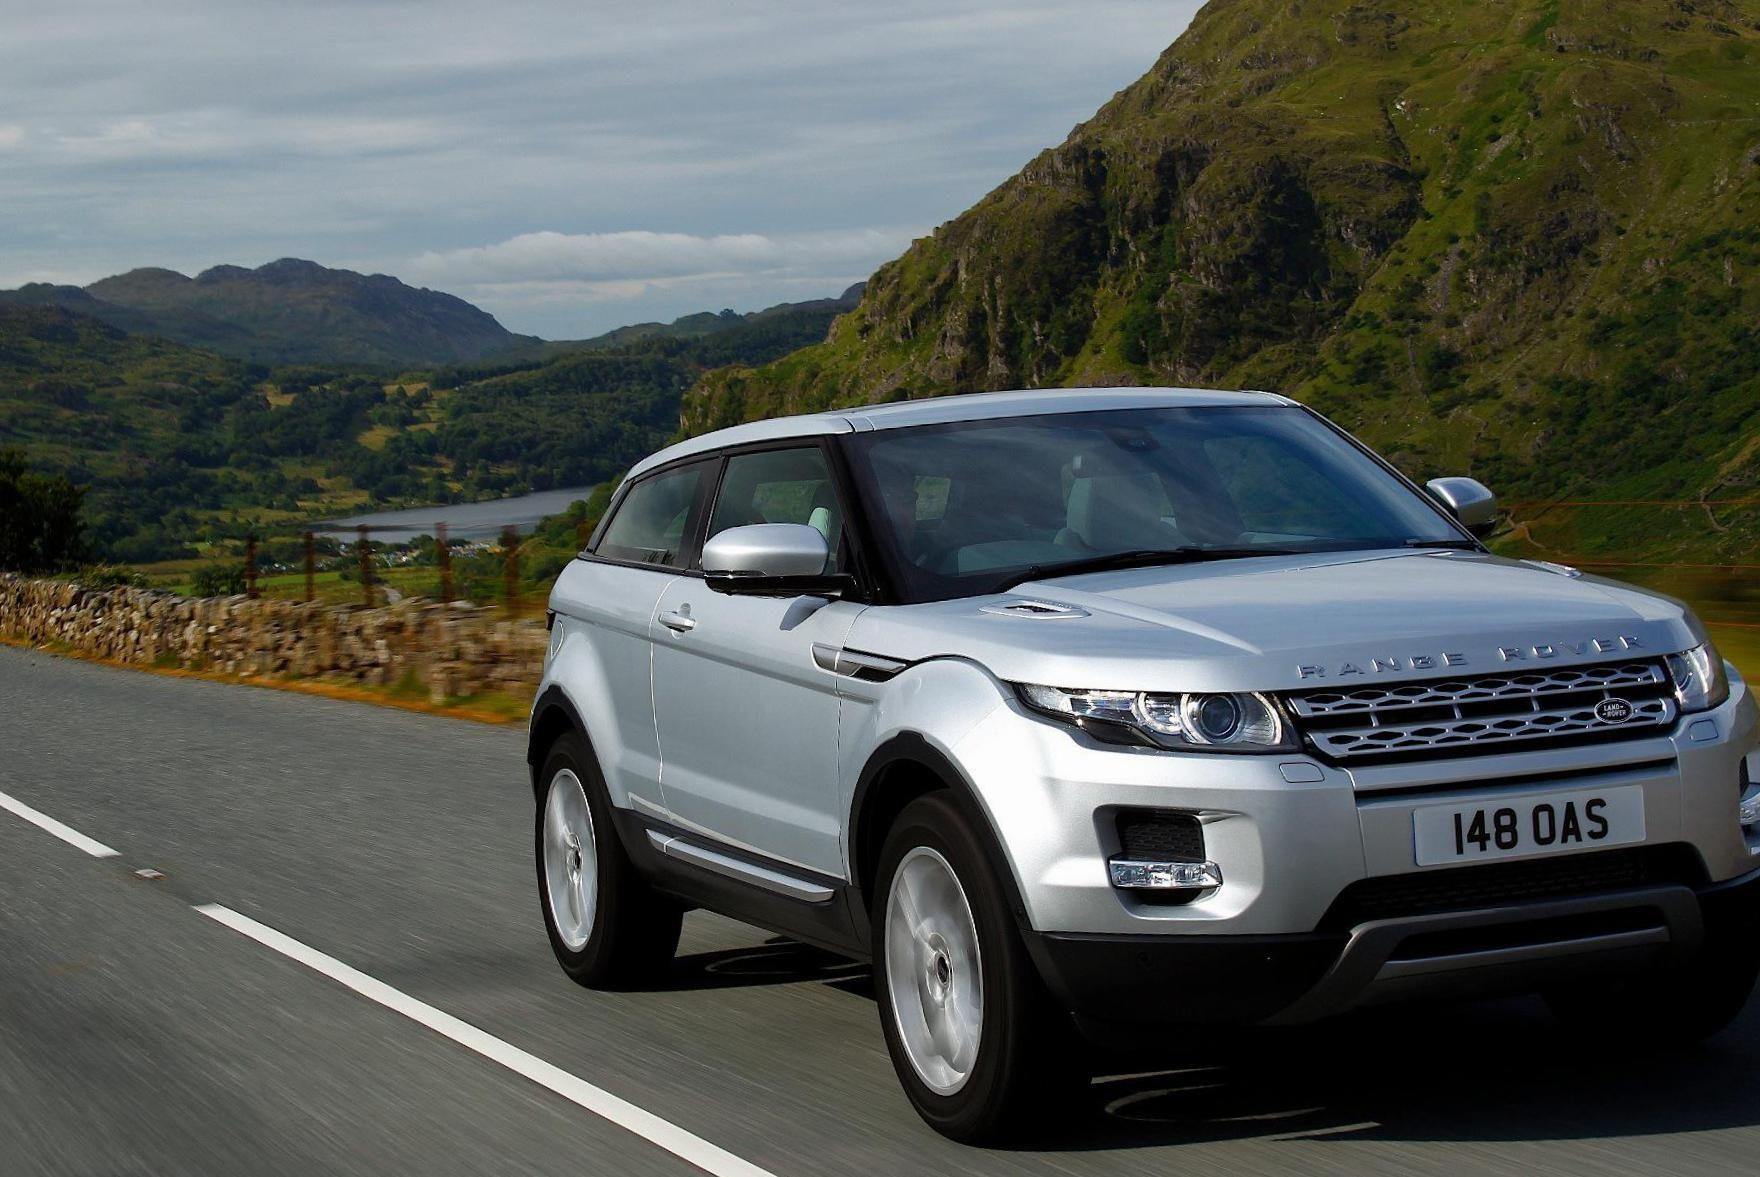 Land Rover Range Rover Evoque Coupe specs